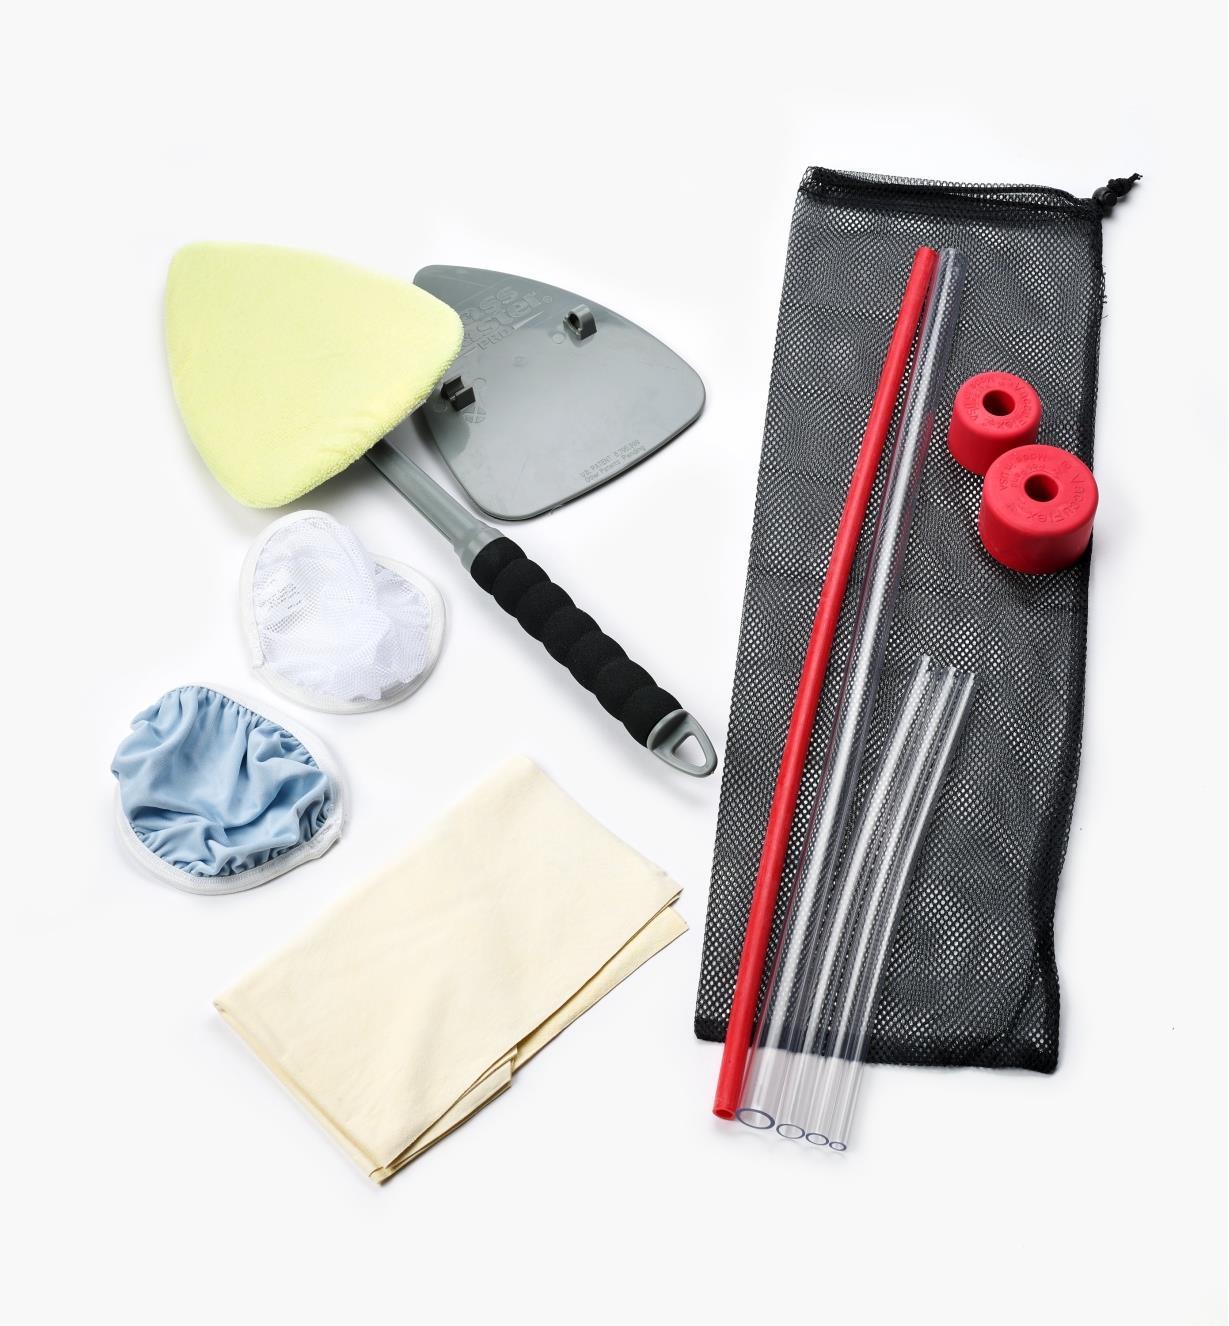 12F0120 - Trio économique pour nettoyage de voiture